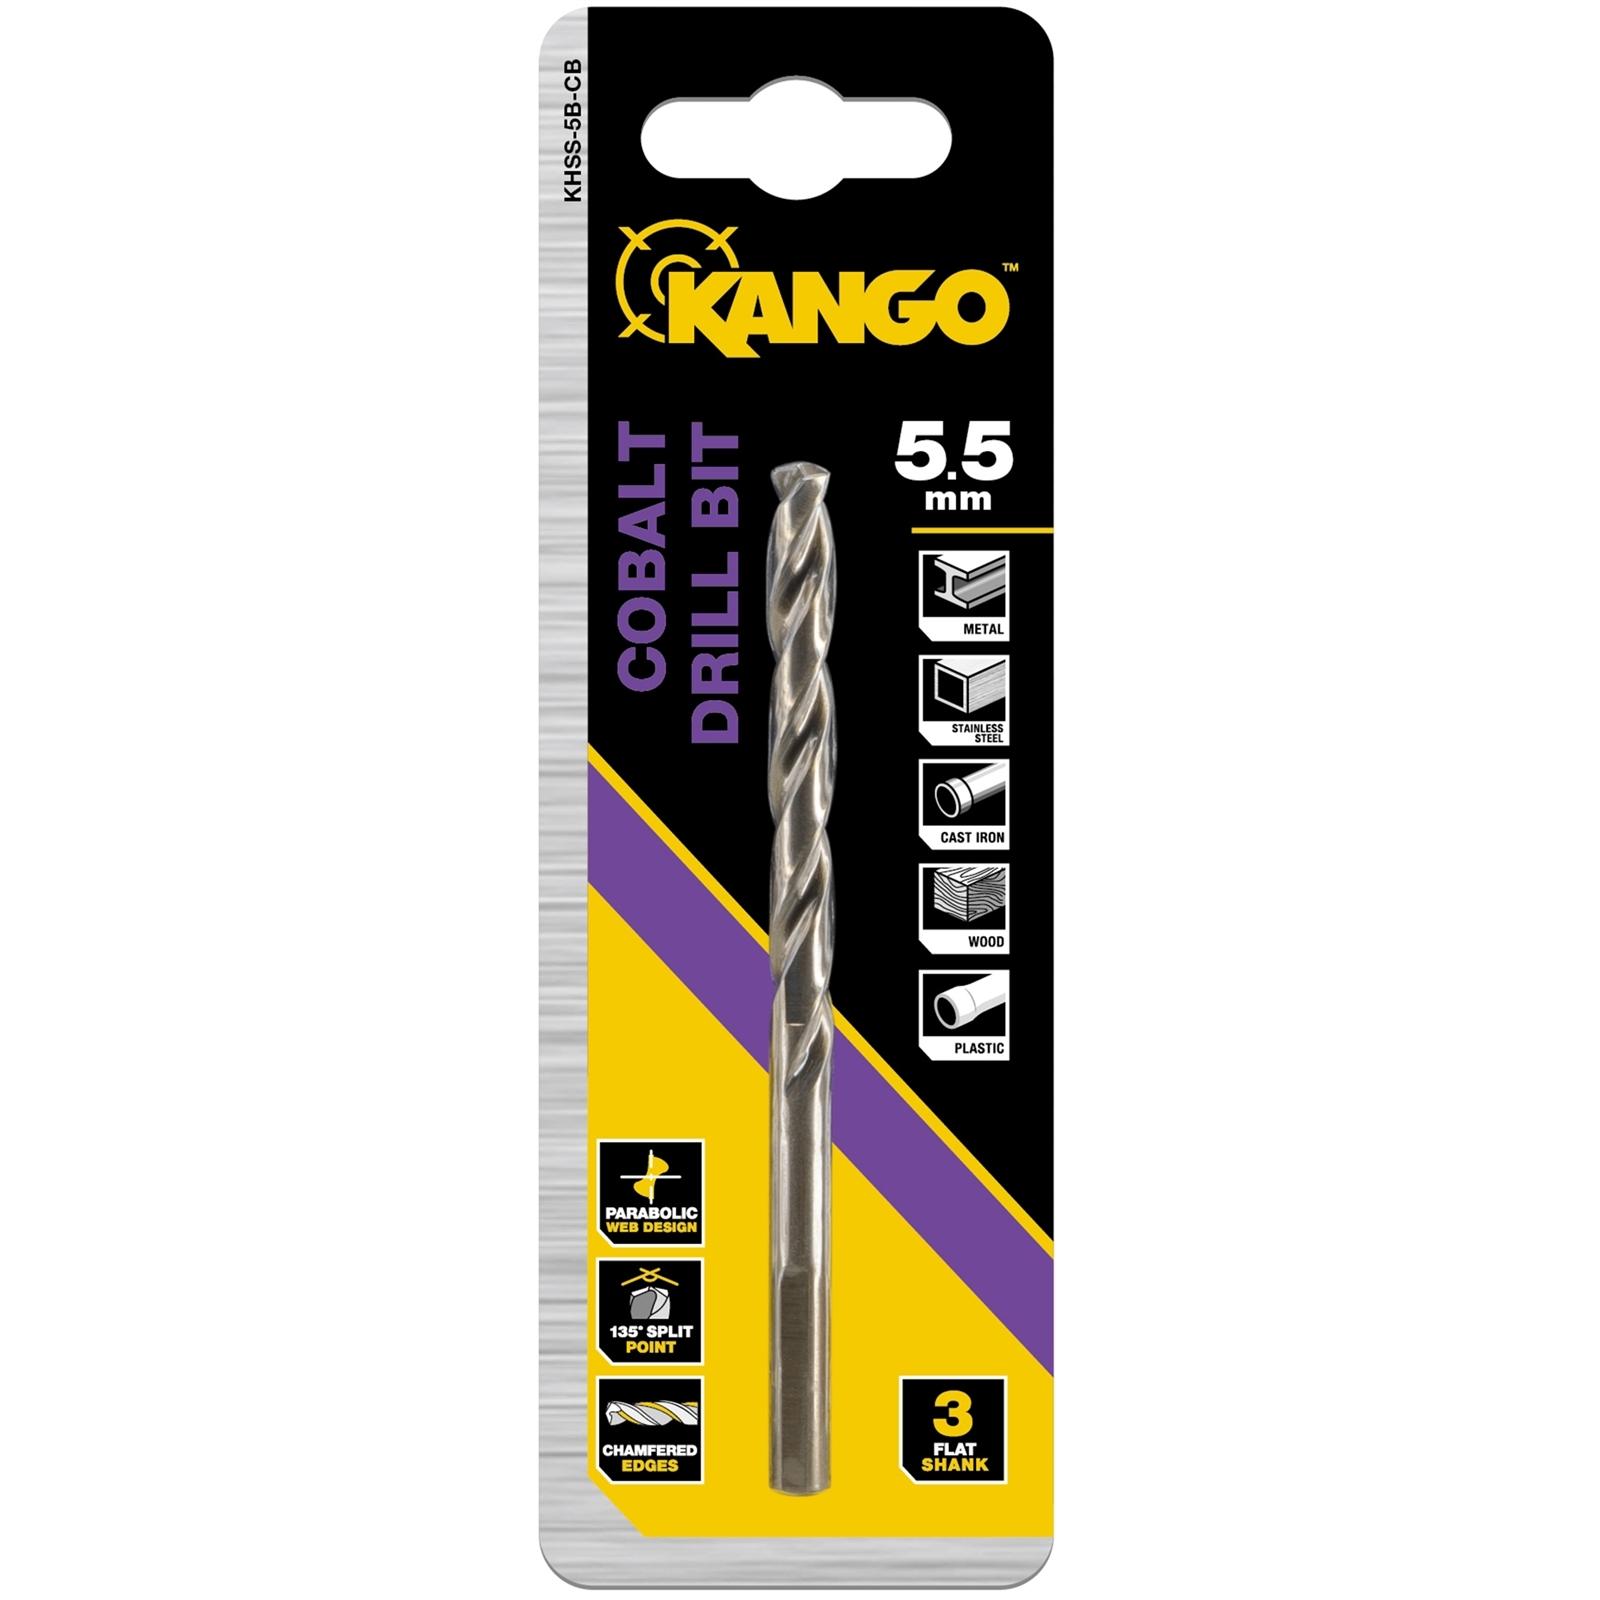 Kango 5.5mm Cobalt Drill Bit